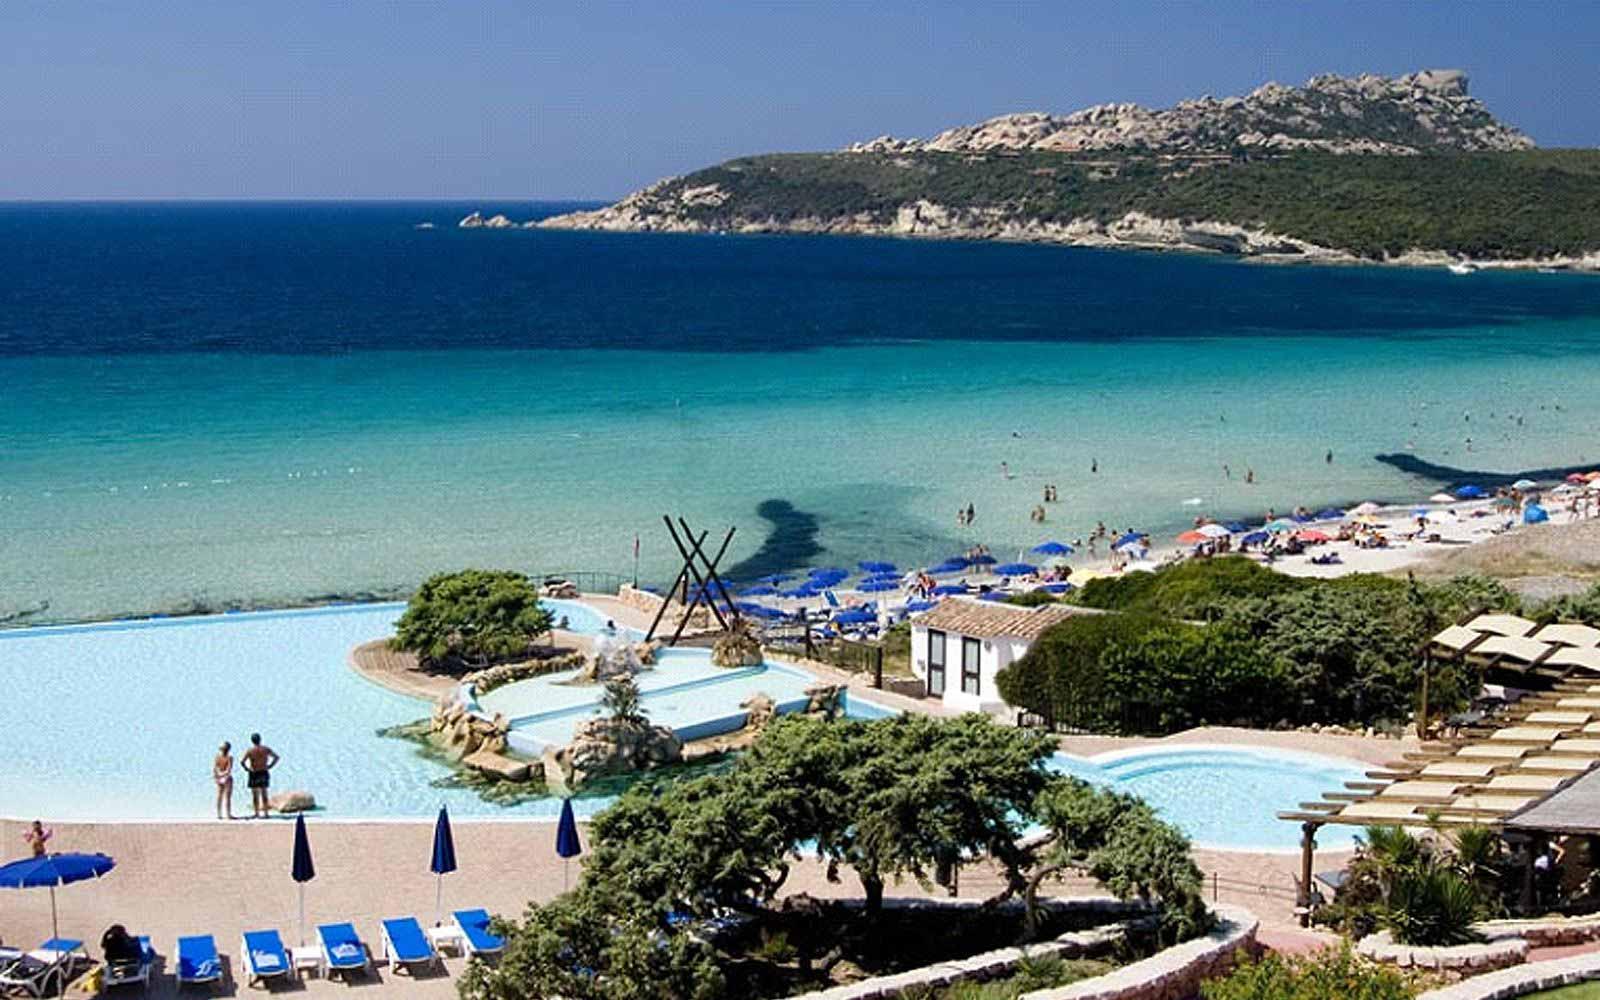 Views at the Colonna Grand Hotel Capo Testa